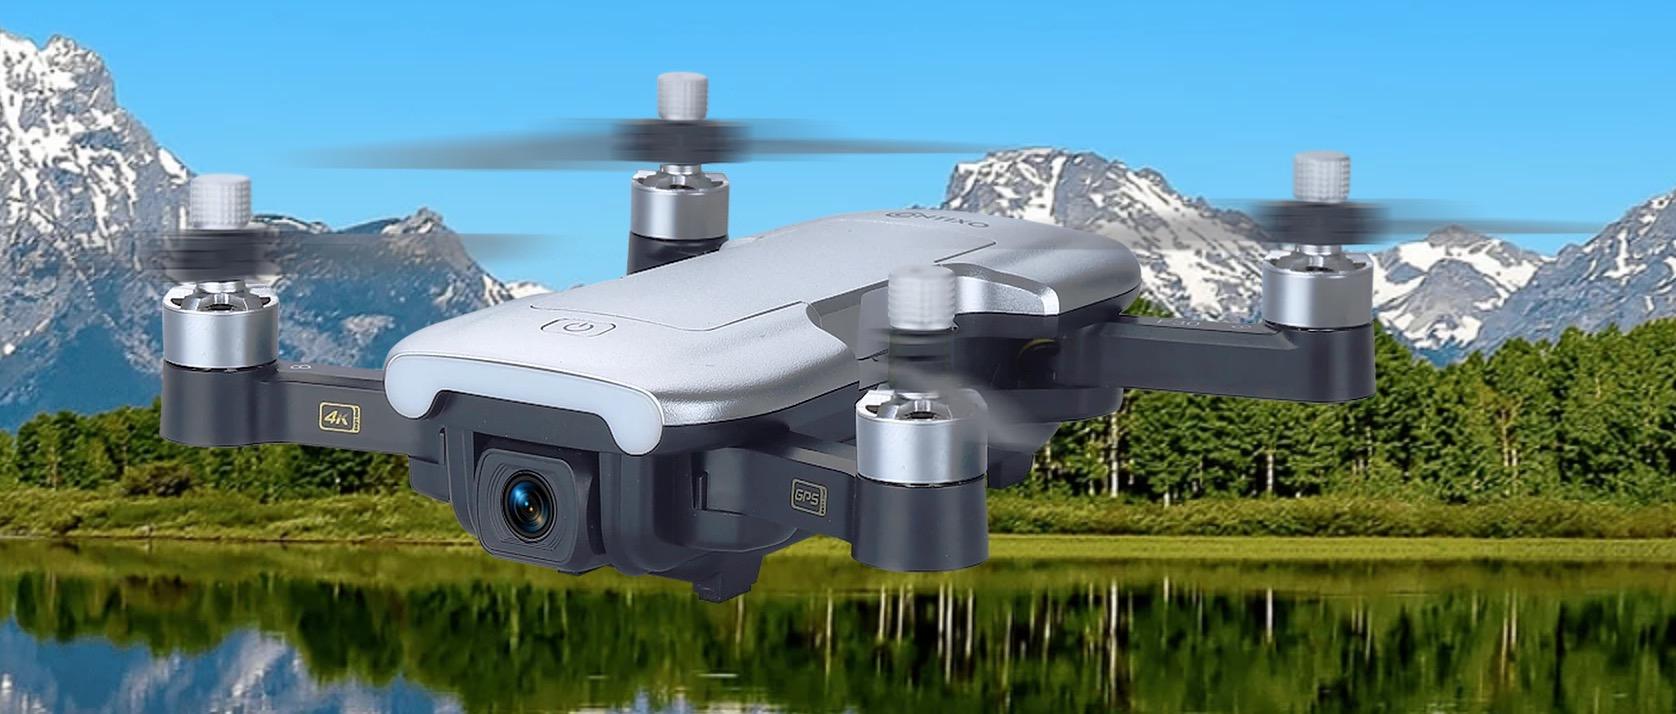 Drone Contixo